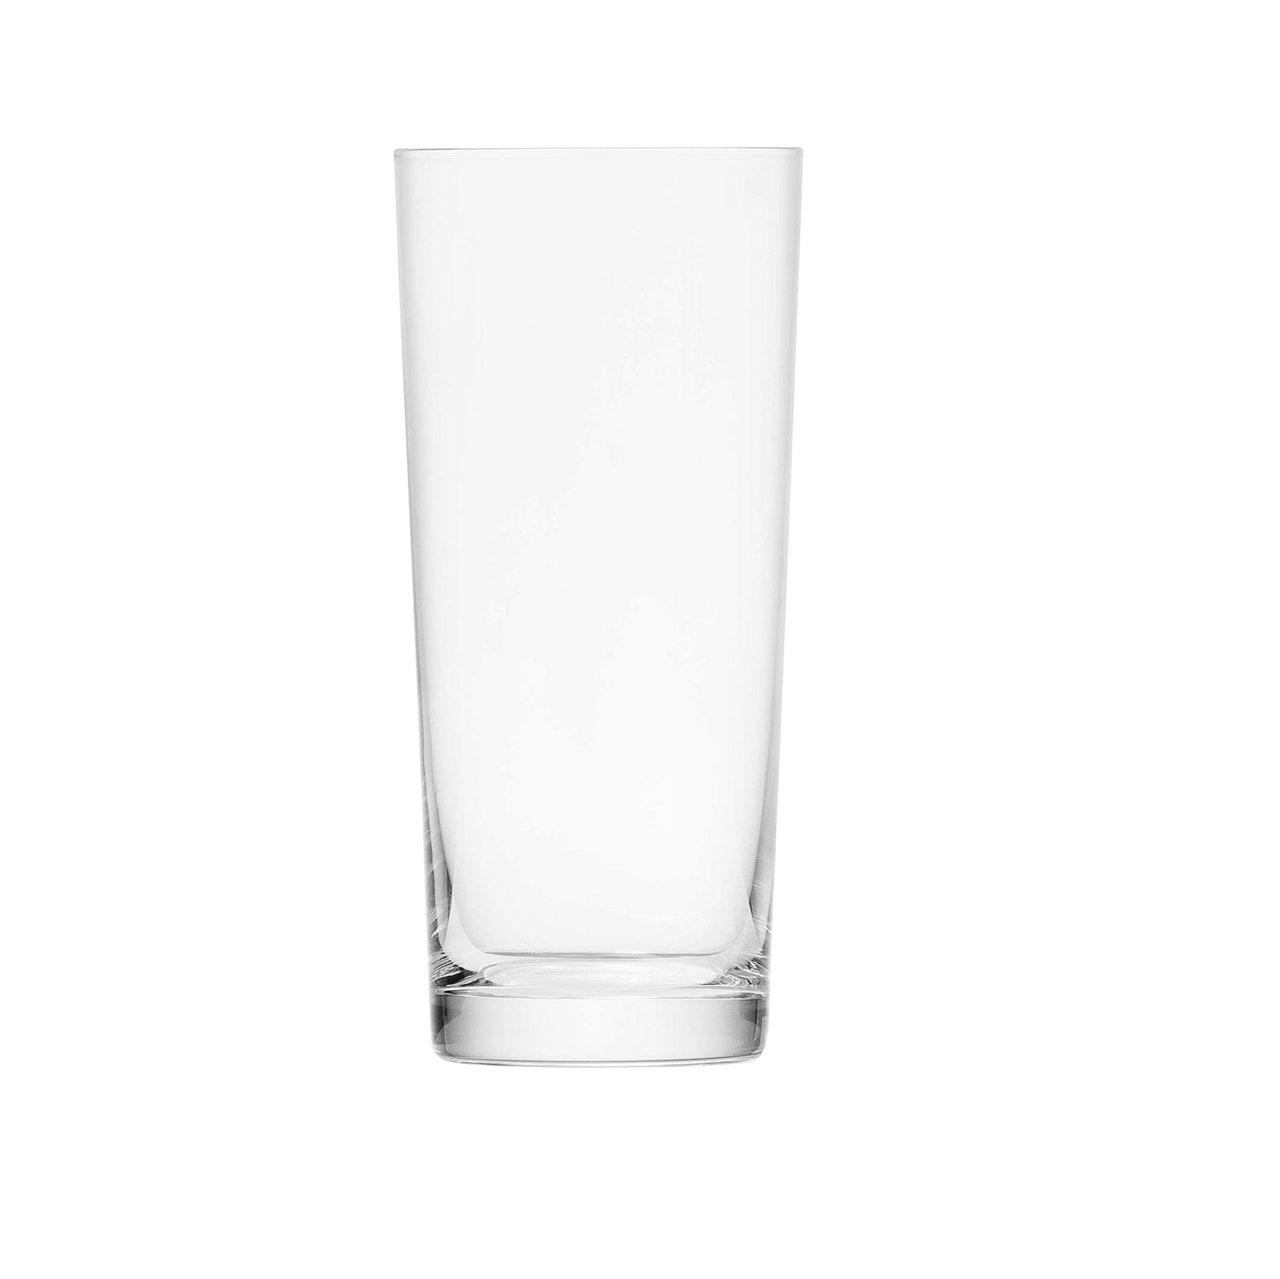 La imagen puede contener: vidrio